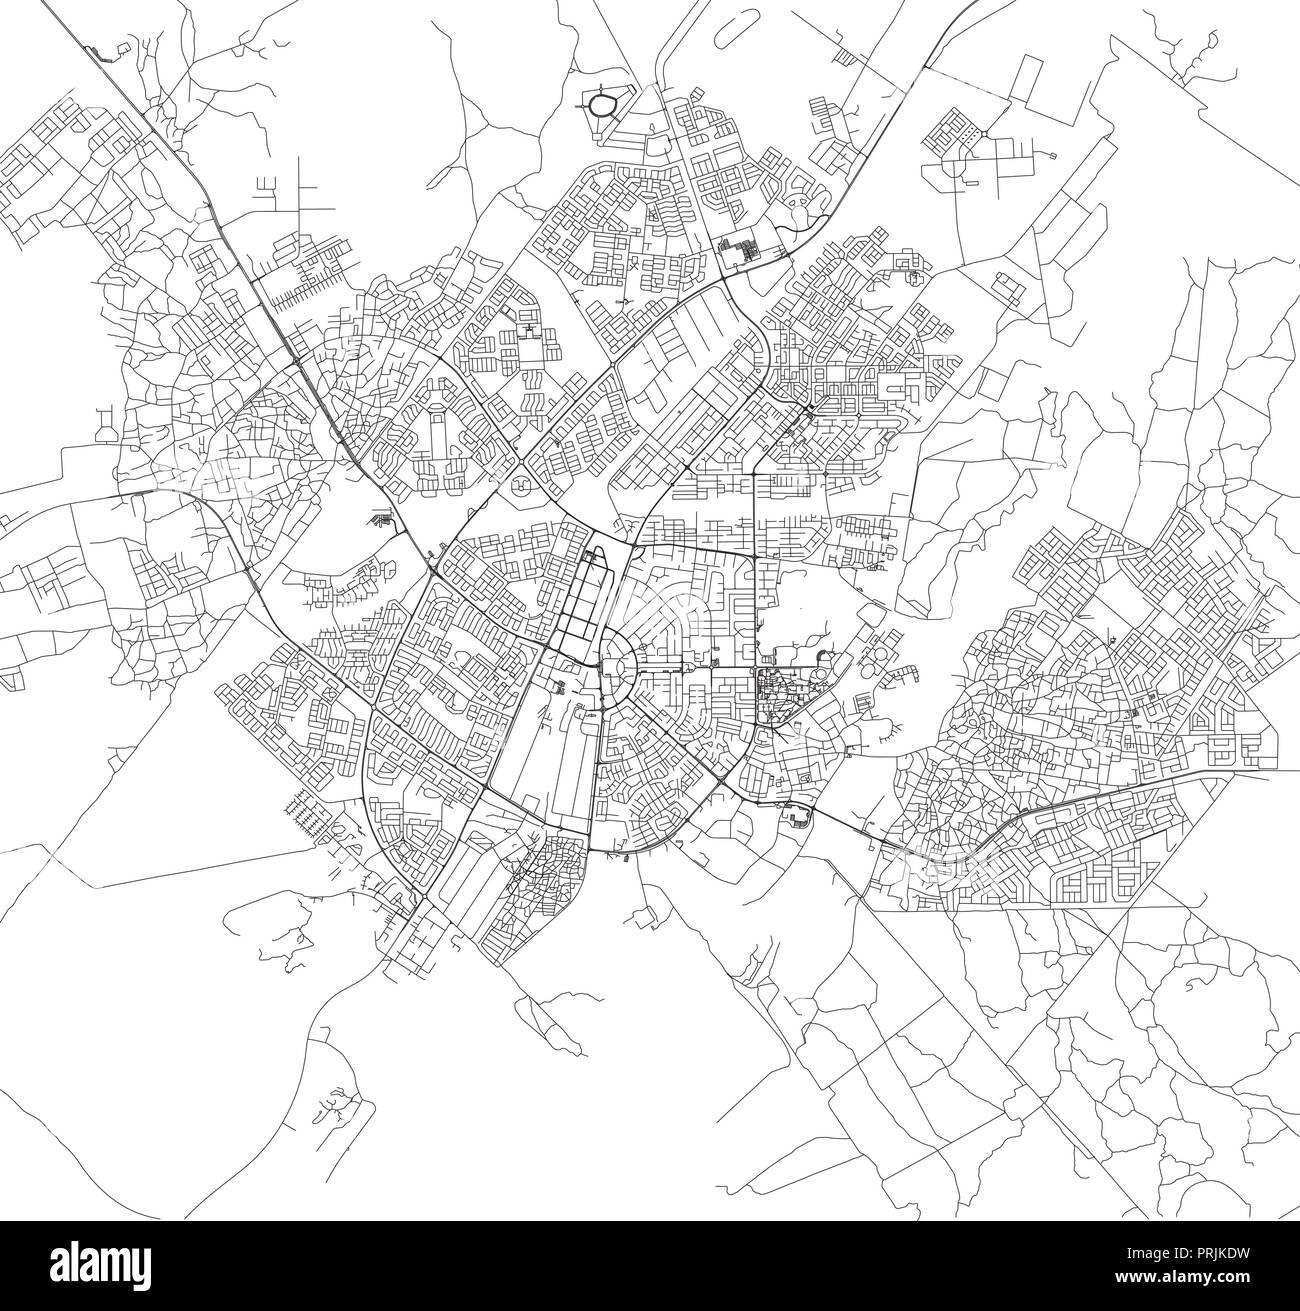 map of gaborone city botswana Satellite Map Of Gaborone Botswana City Streets Street Map Of map of gaborone city botswana